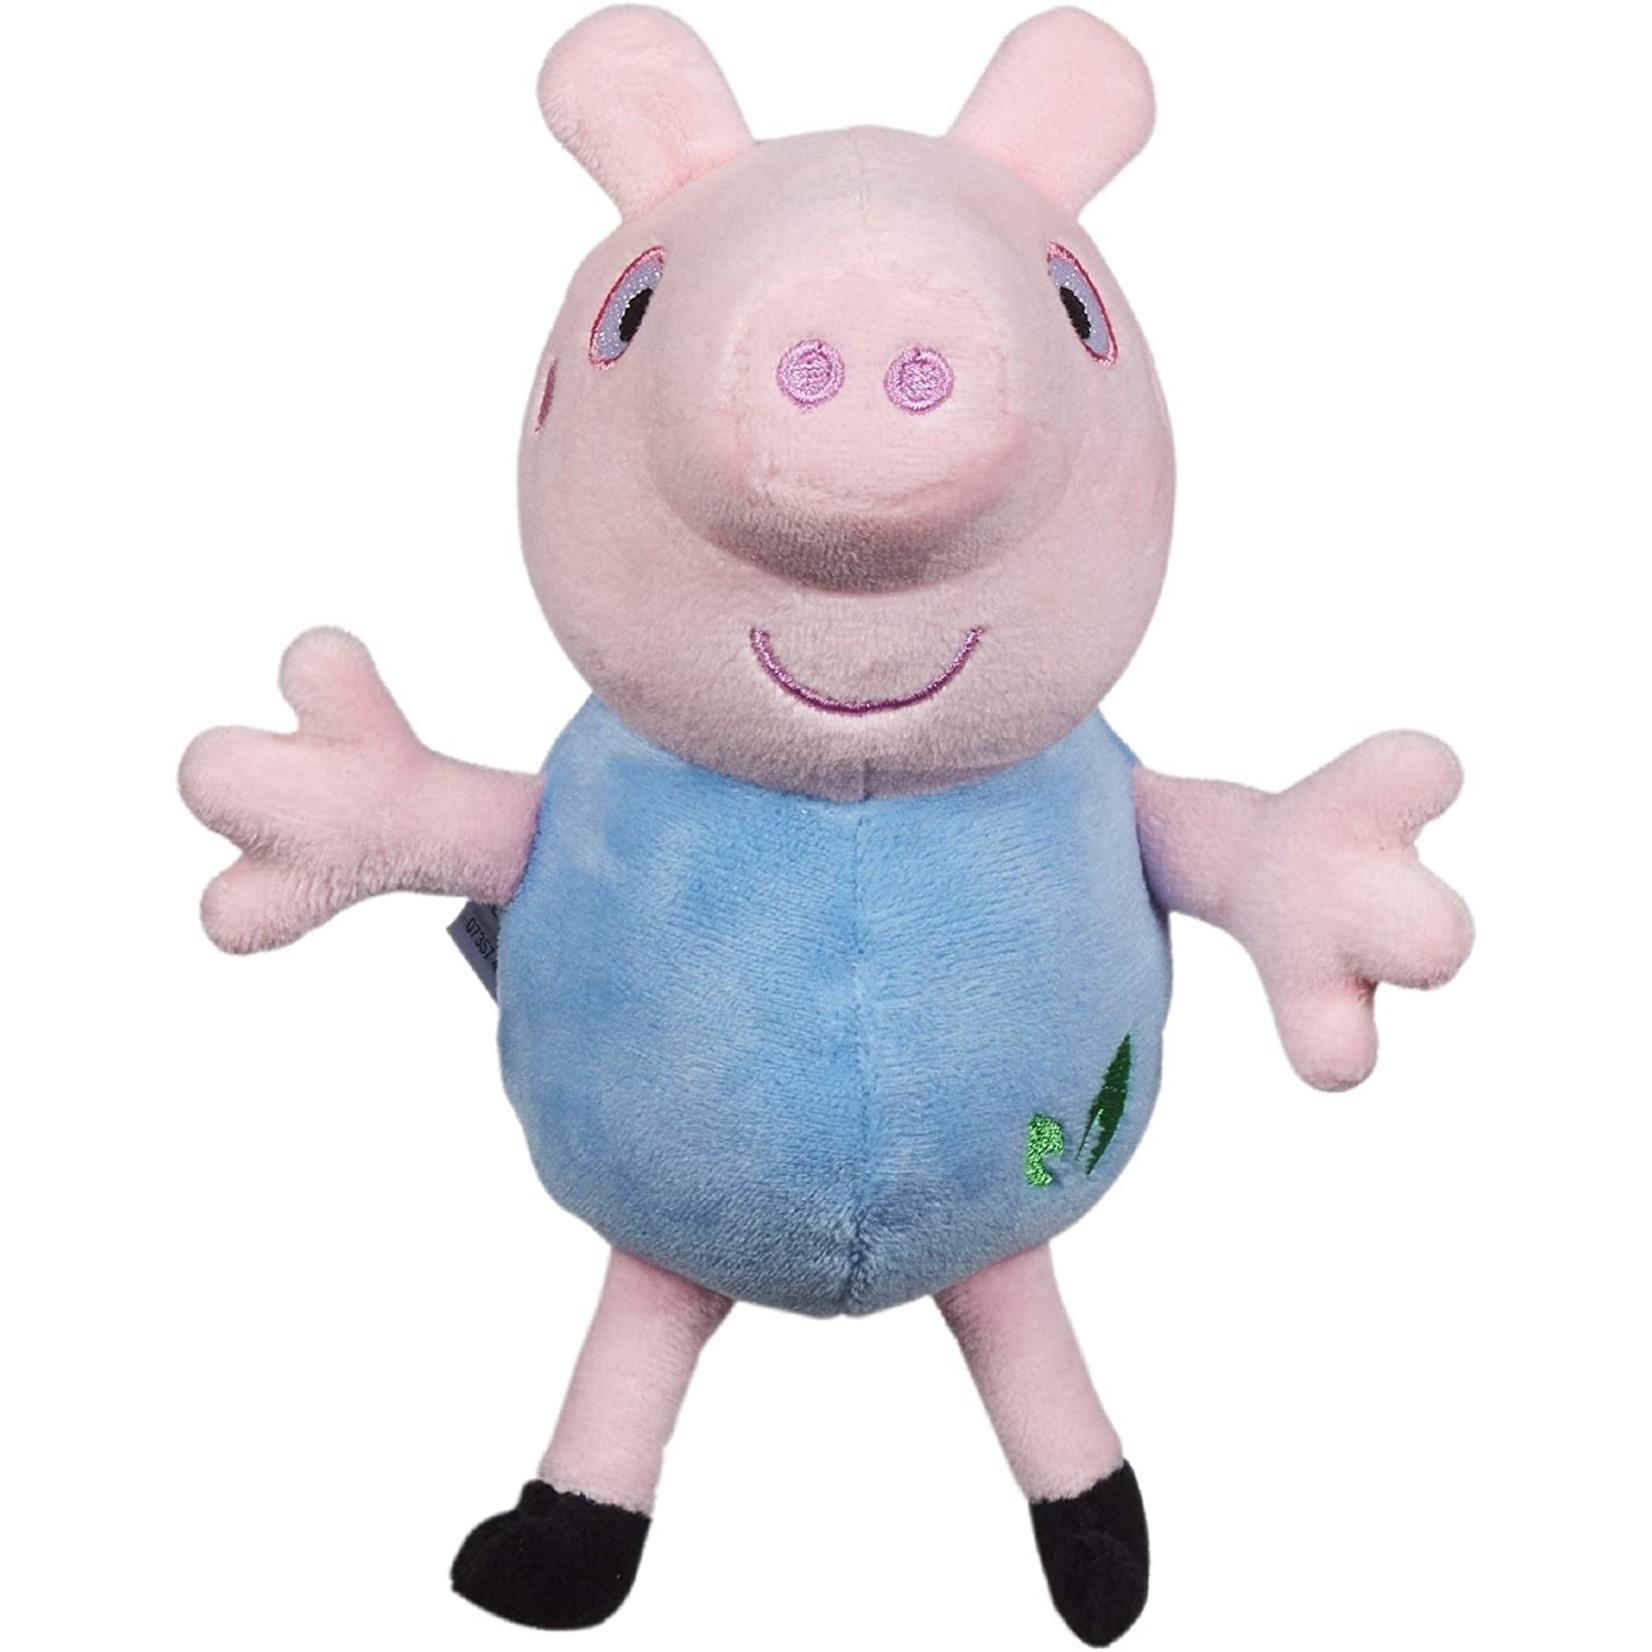 Peppa Pig Eco Knuffel George 15 cm